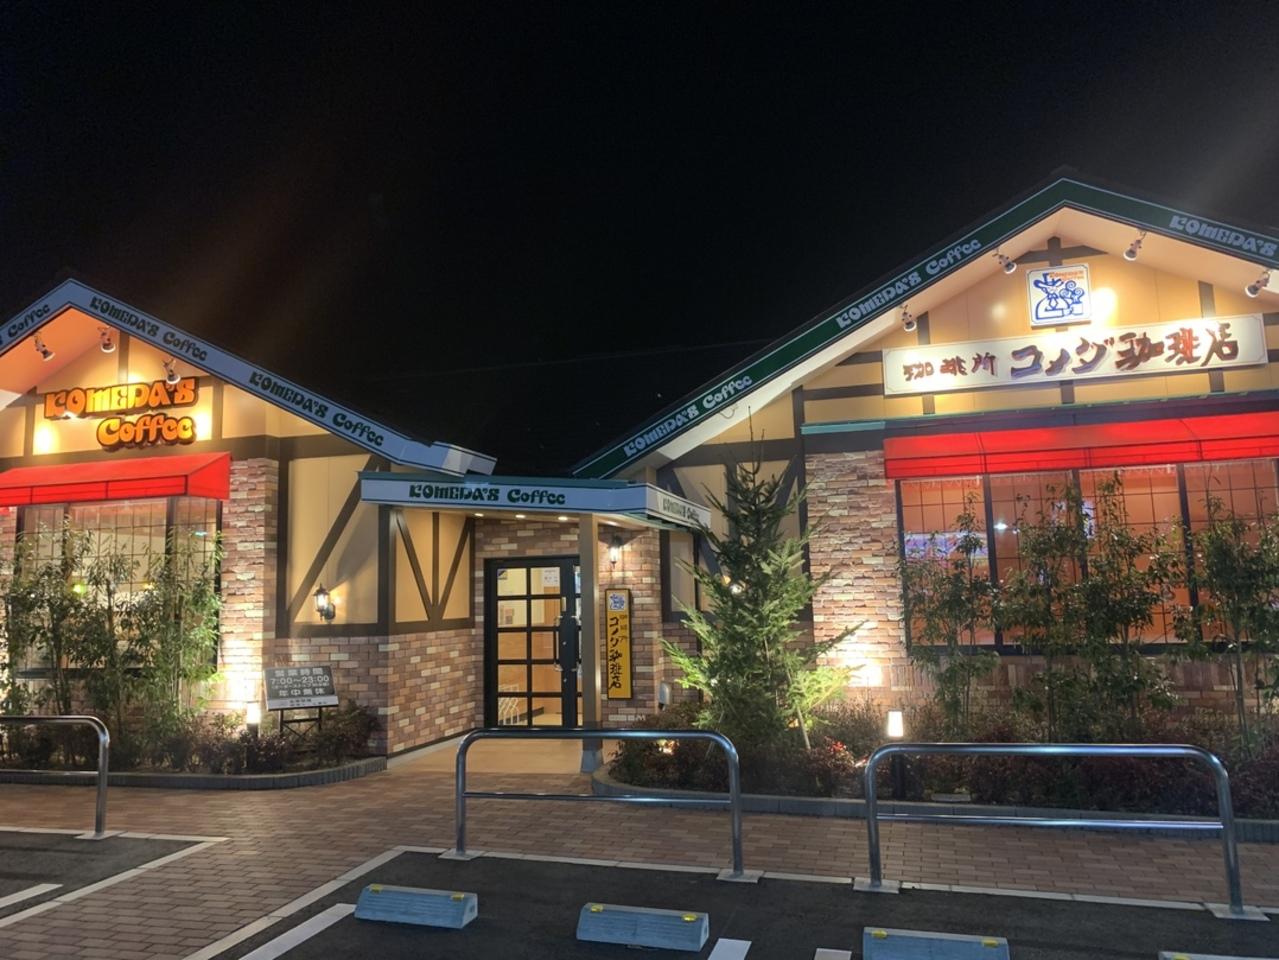 テレ東「カンブリア宮殿」にて「コメダ珈琲店」八戸城下店が放送されました。